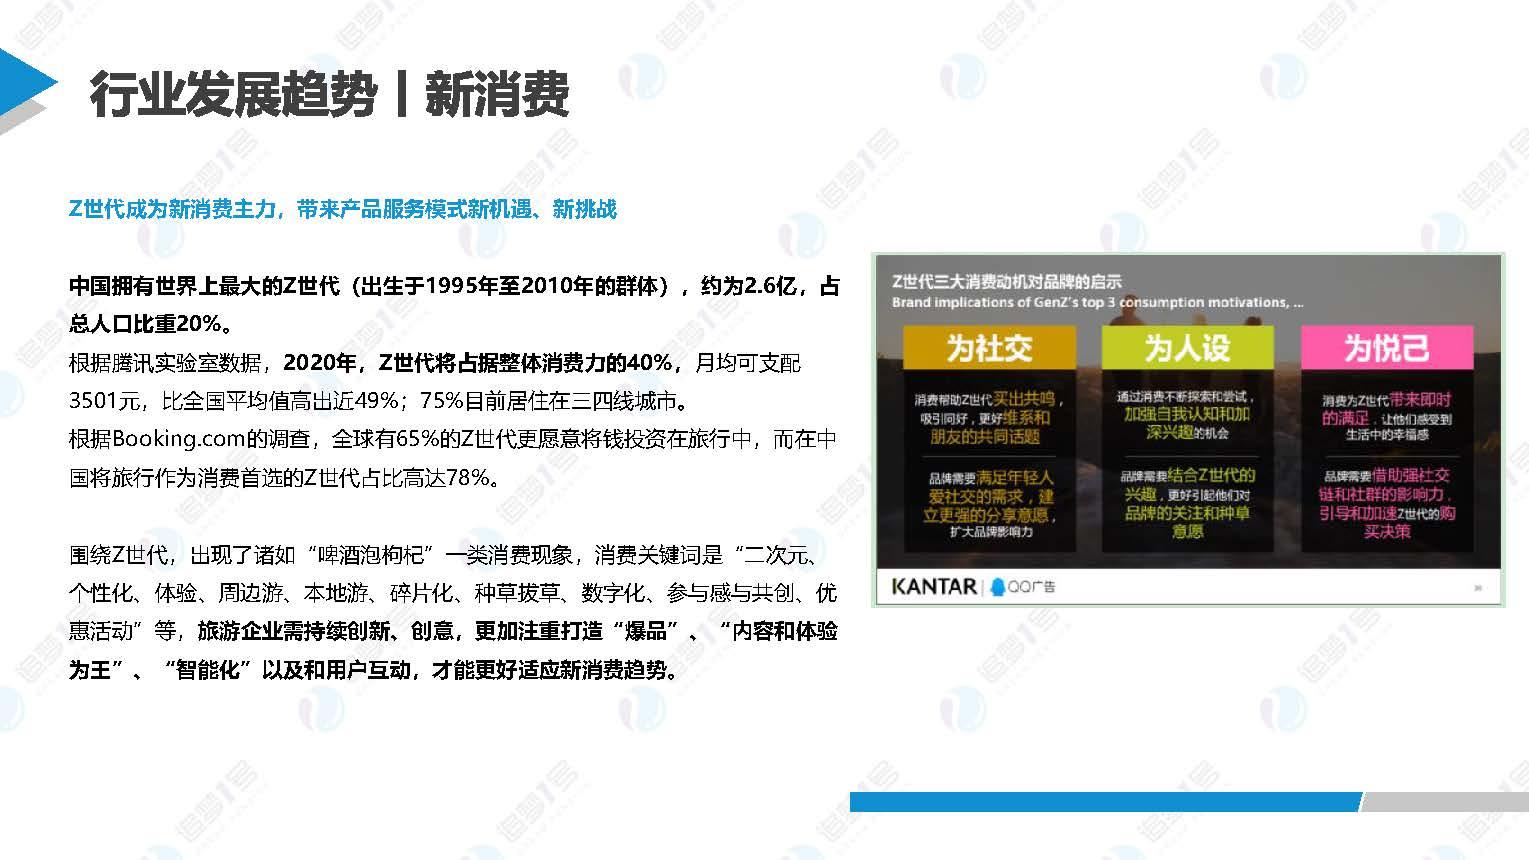 中国旅游行业研究 _页面_07.jpg